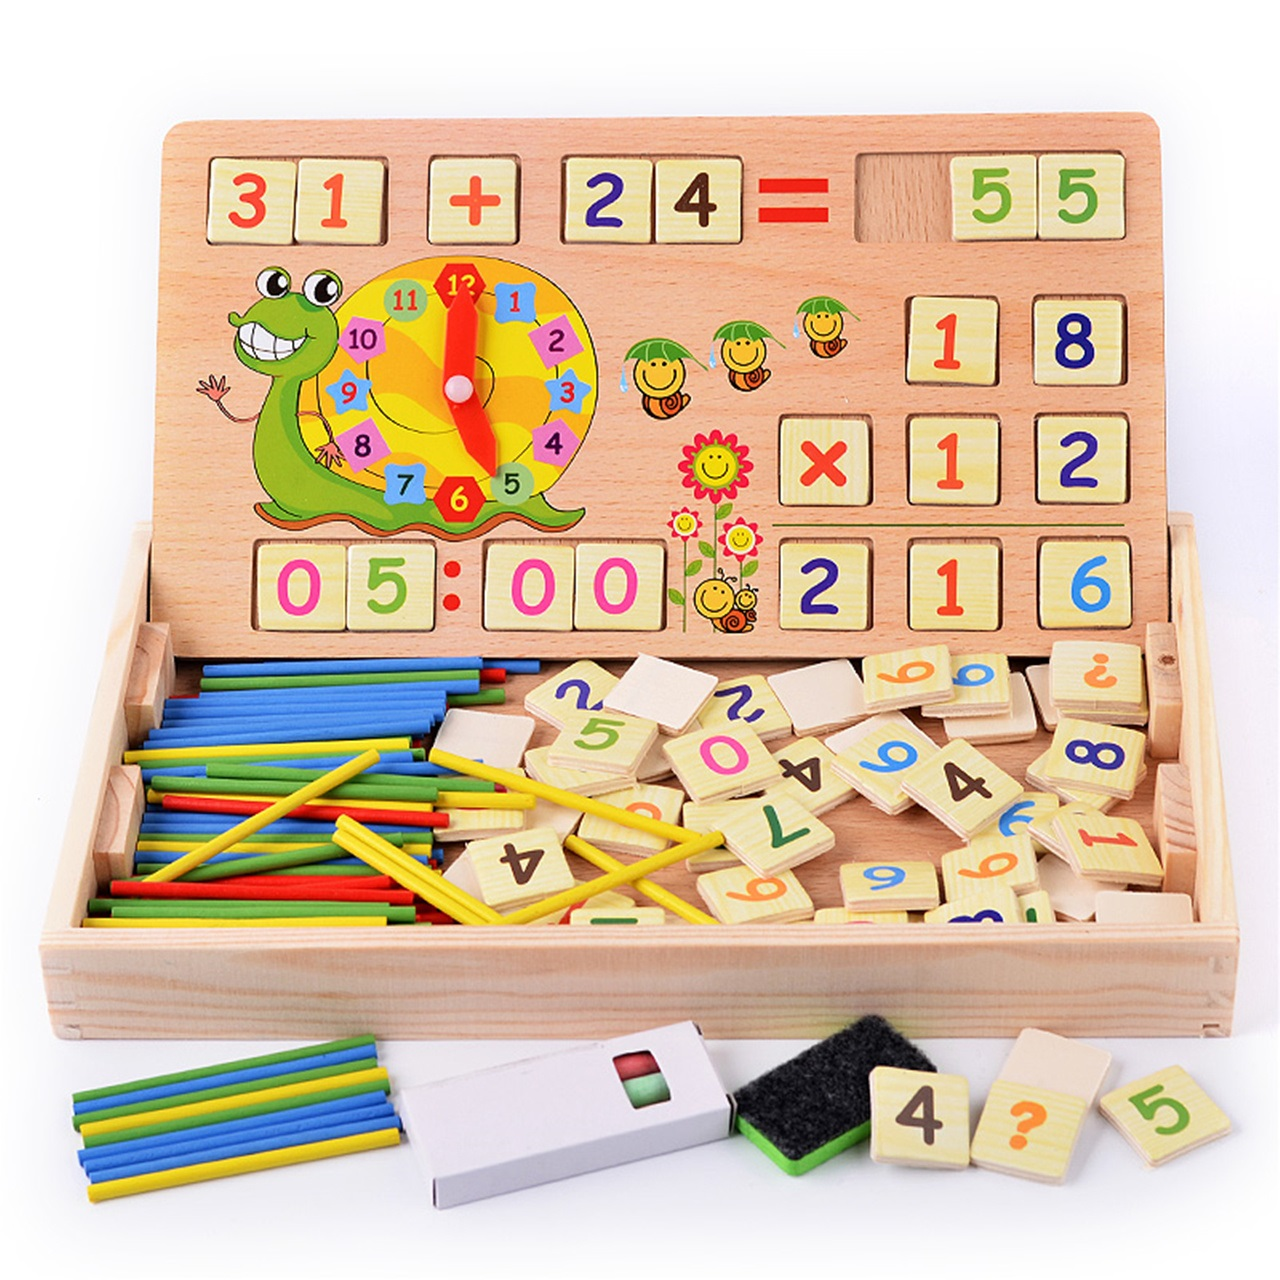 儿童数数棒数字数学加减法学习盒早教画板益智玩具多功能学前教具